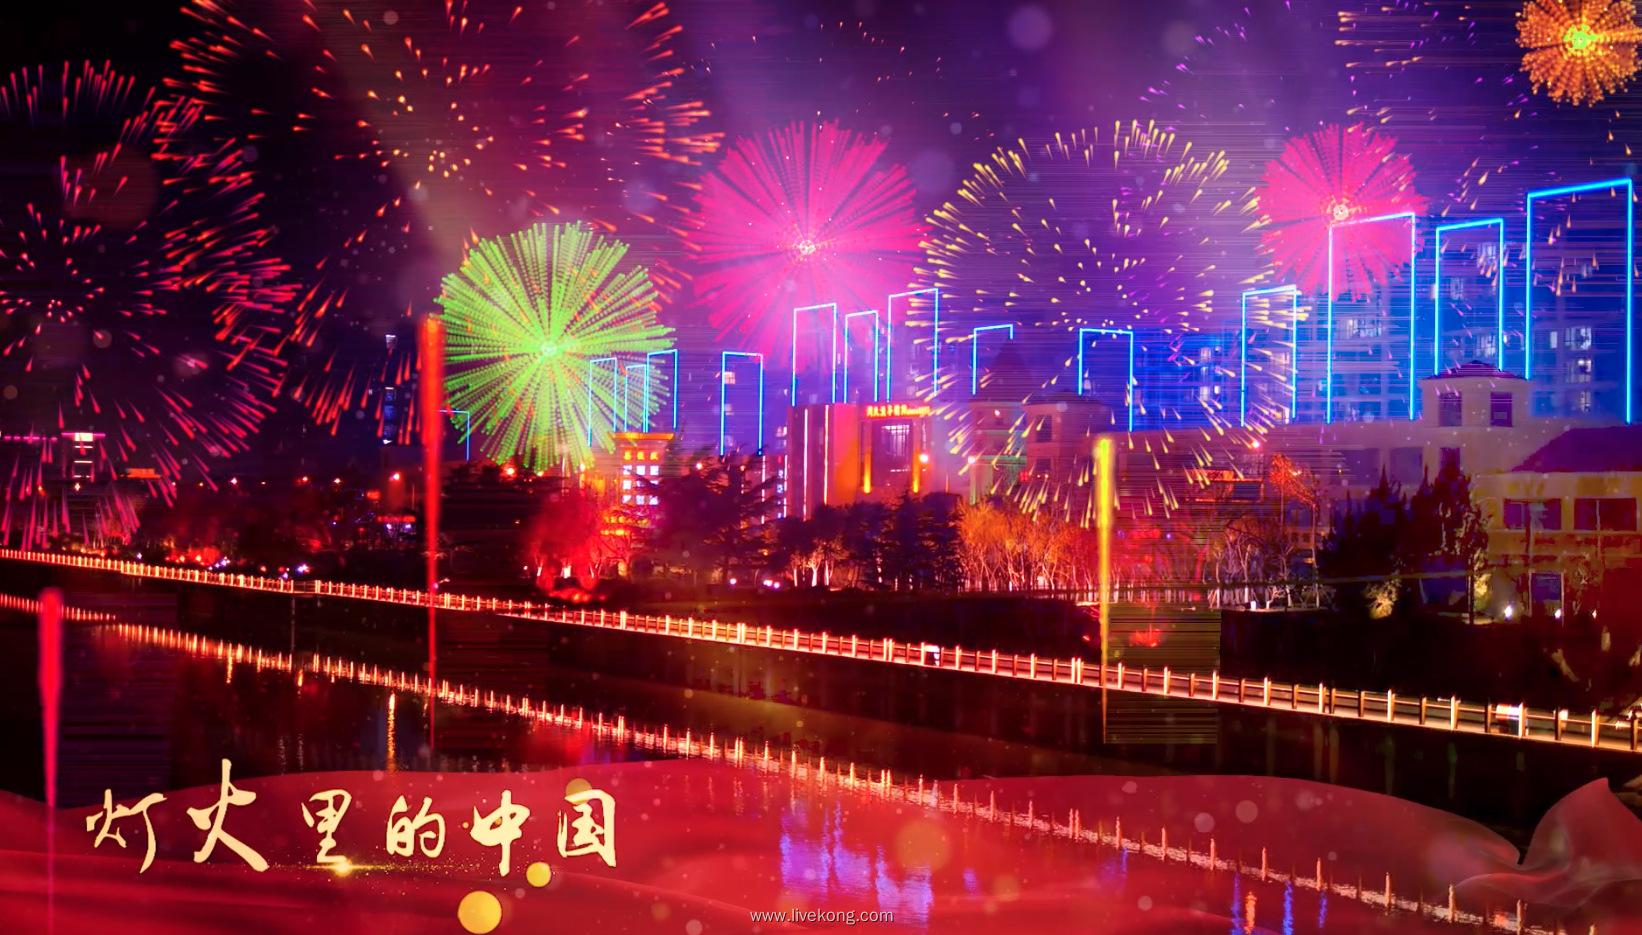 屏幕快照 2021 03 08 下午8.18.44 - 灯火里的中国led视频背景素材